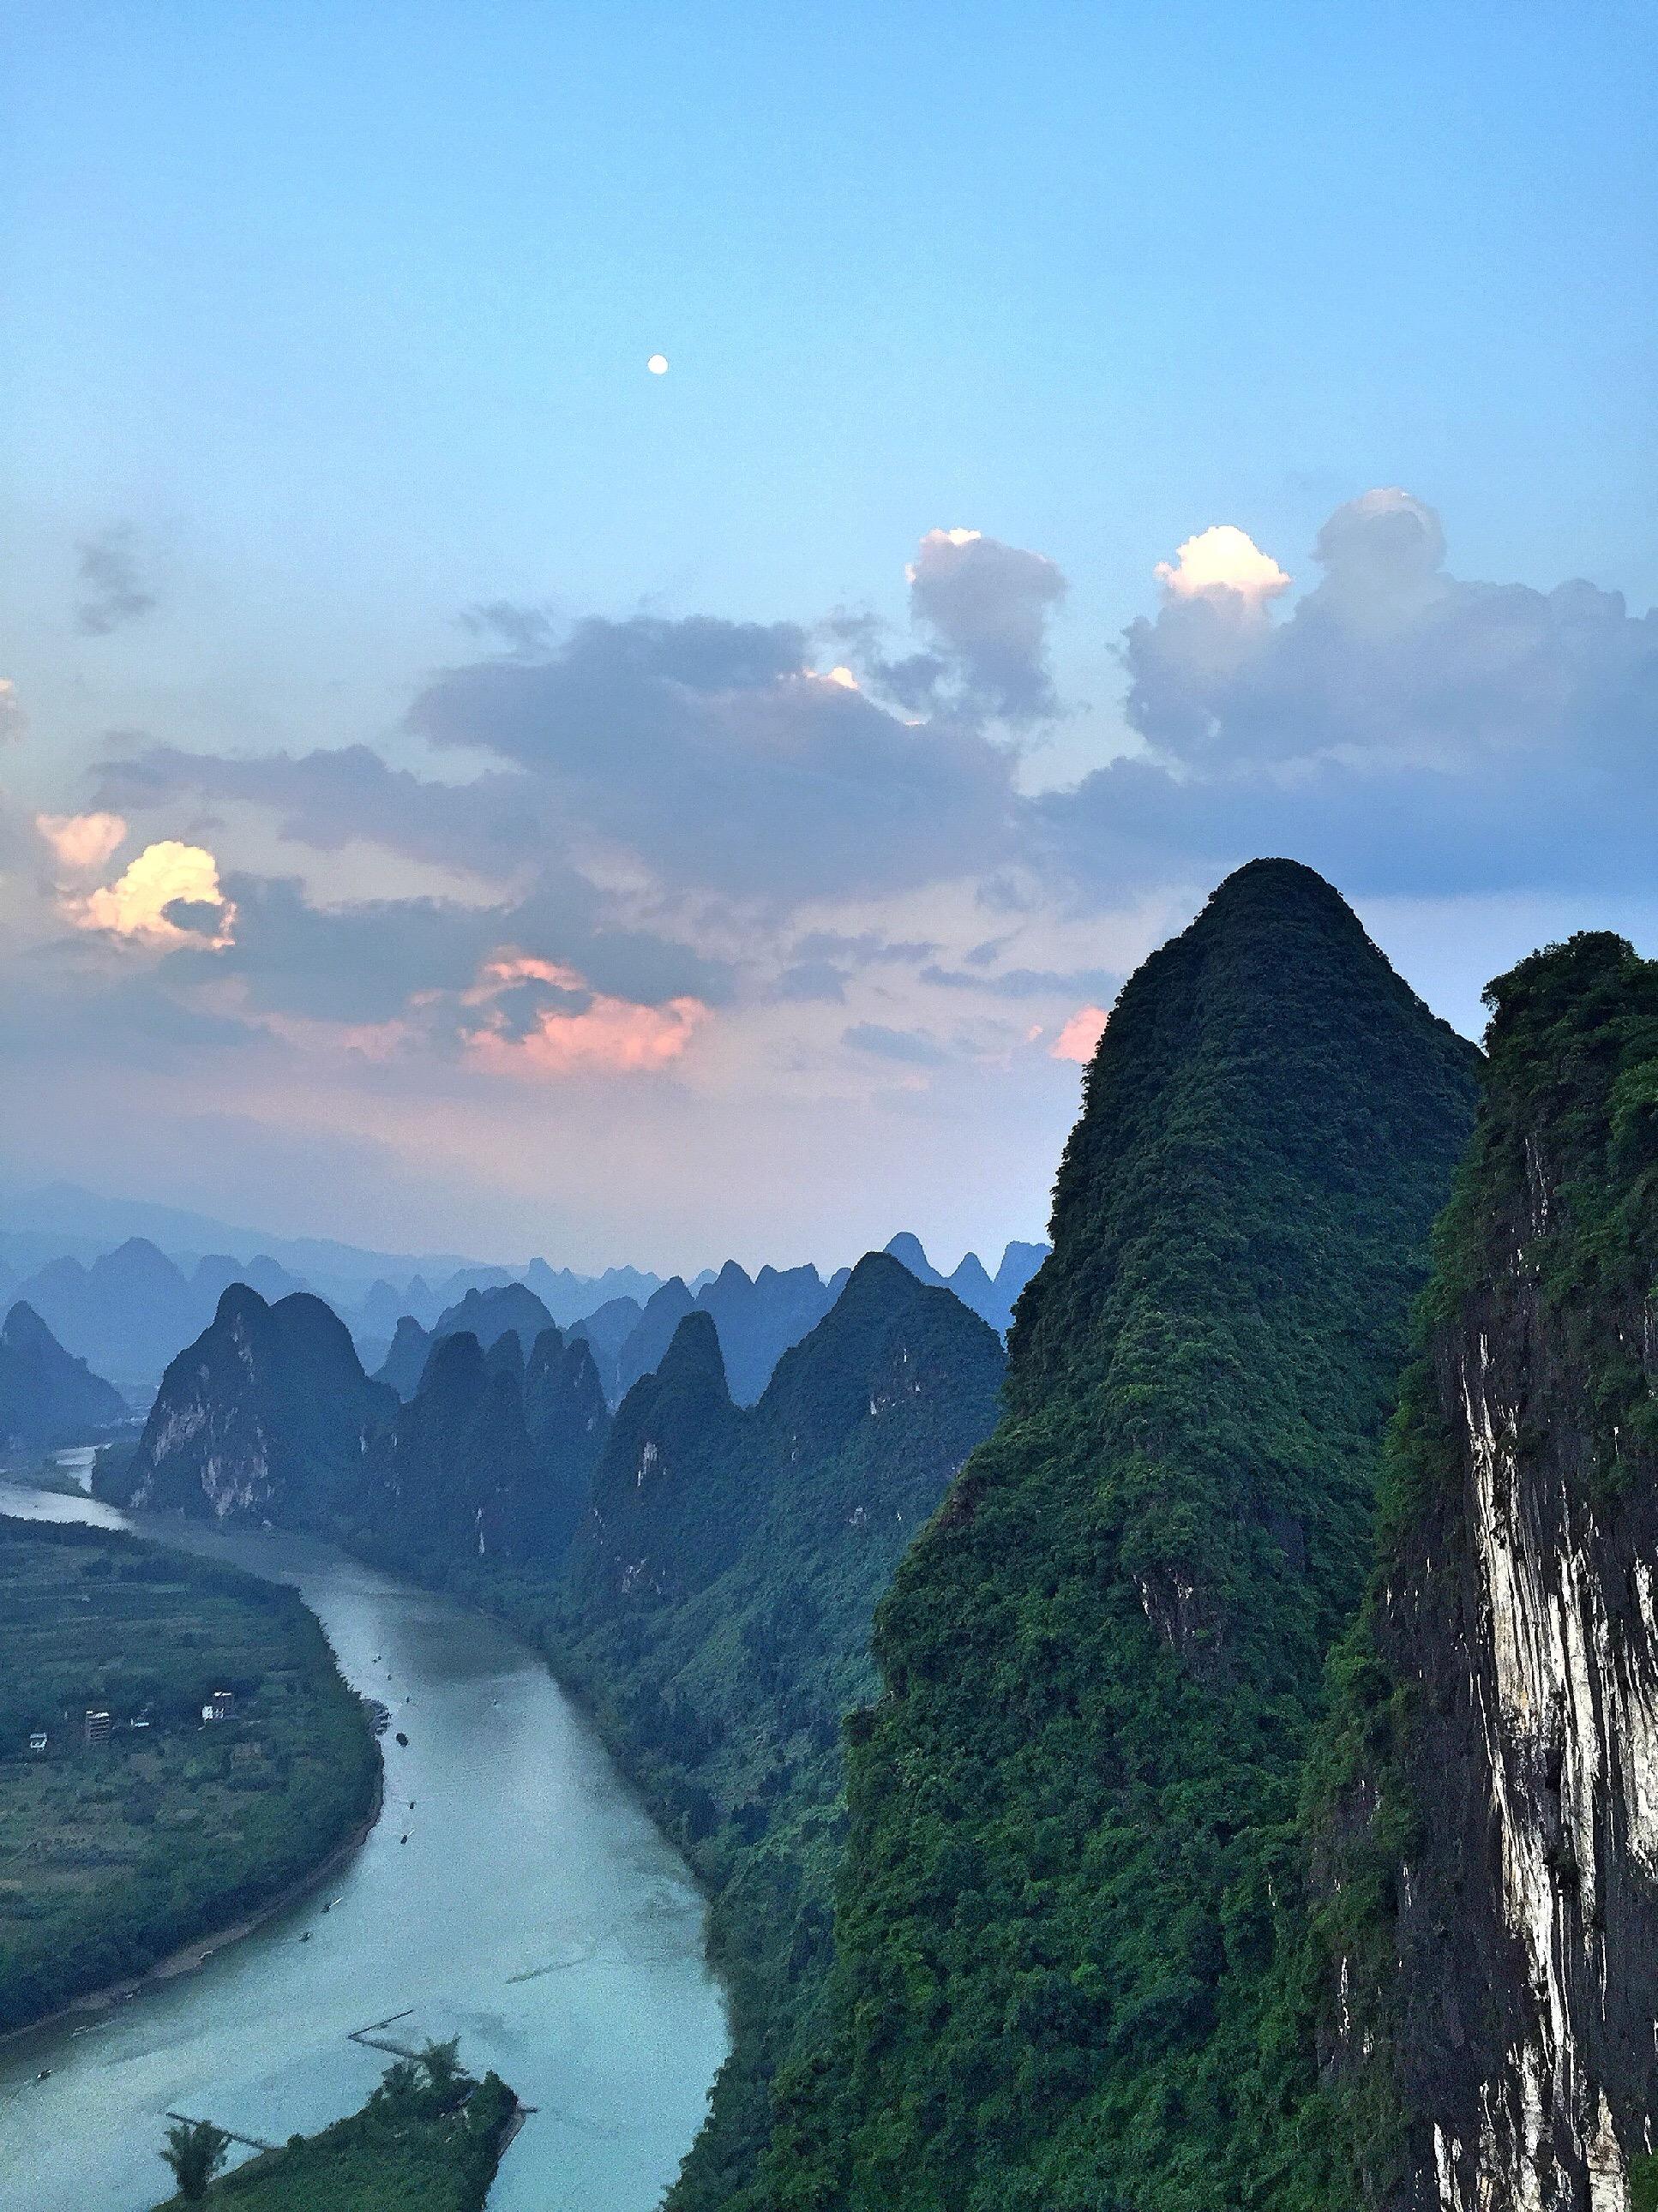 Dusk over Yangshou, China